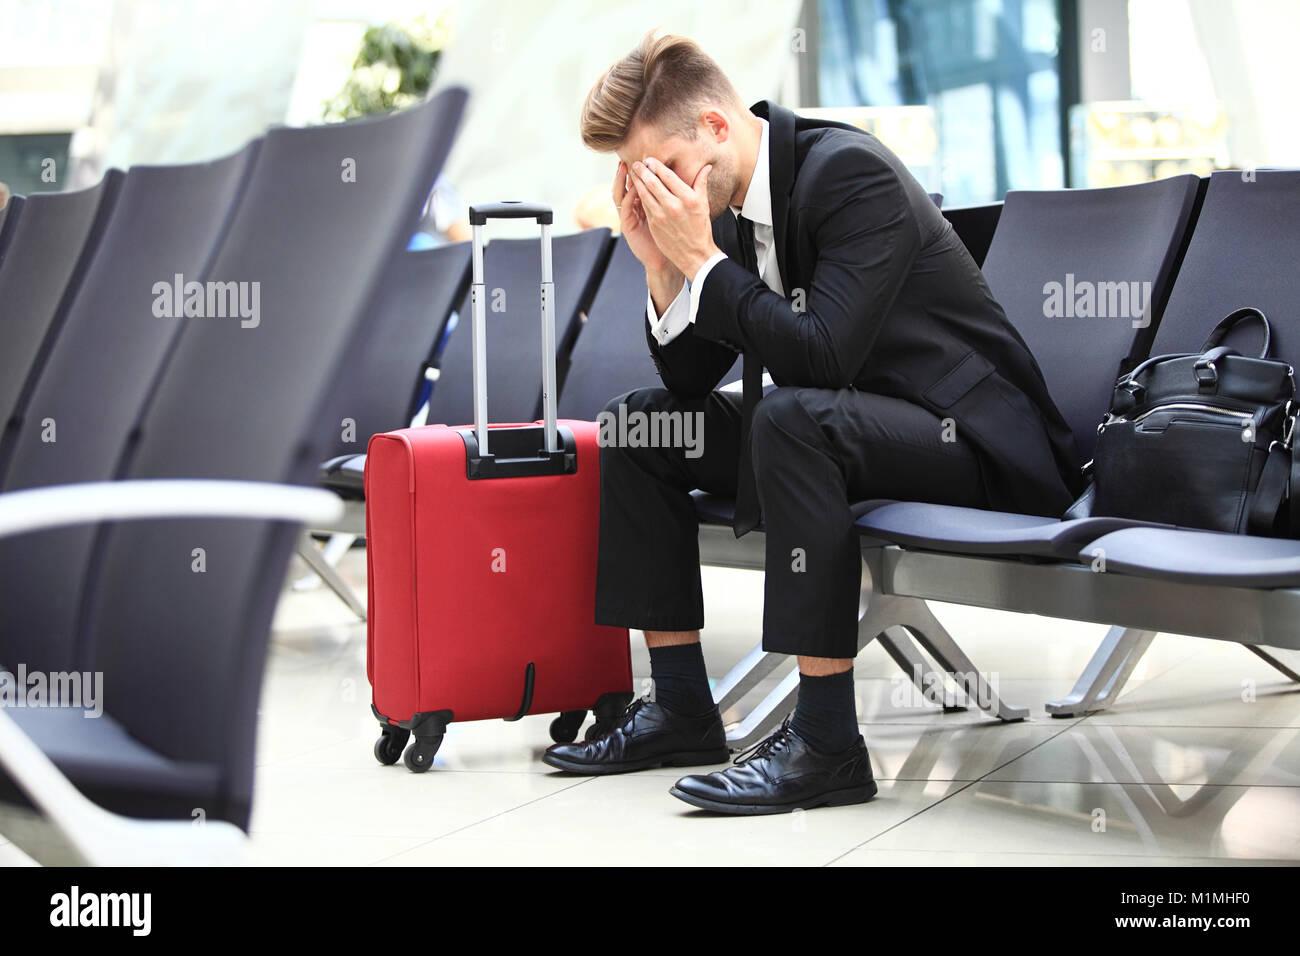 vol retardé Banque D'Images